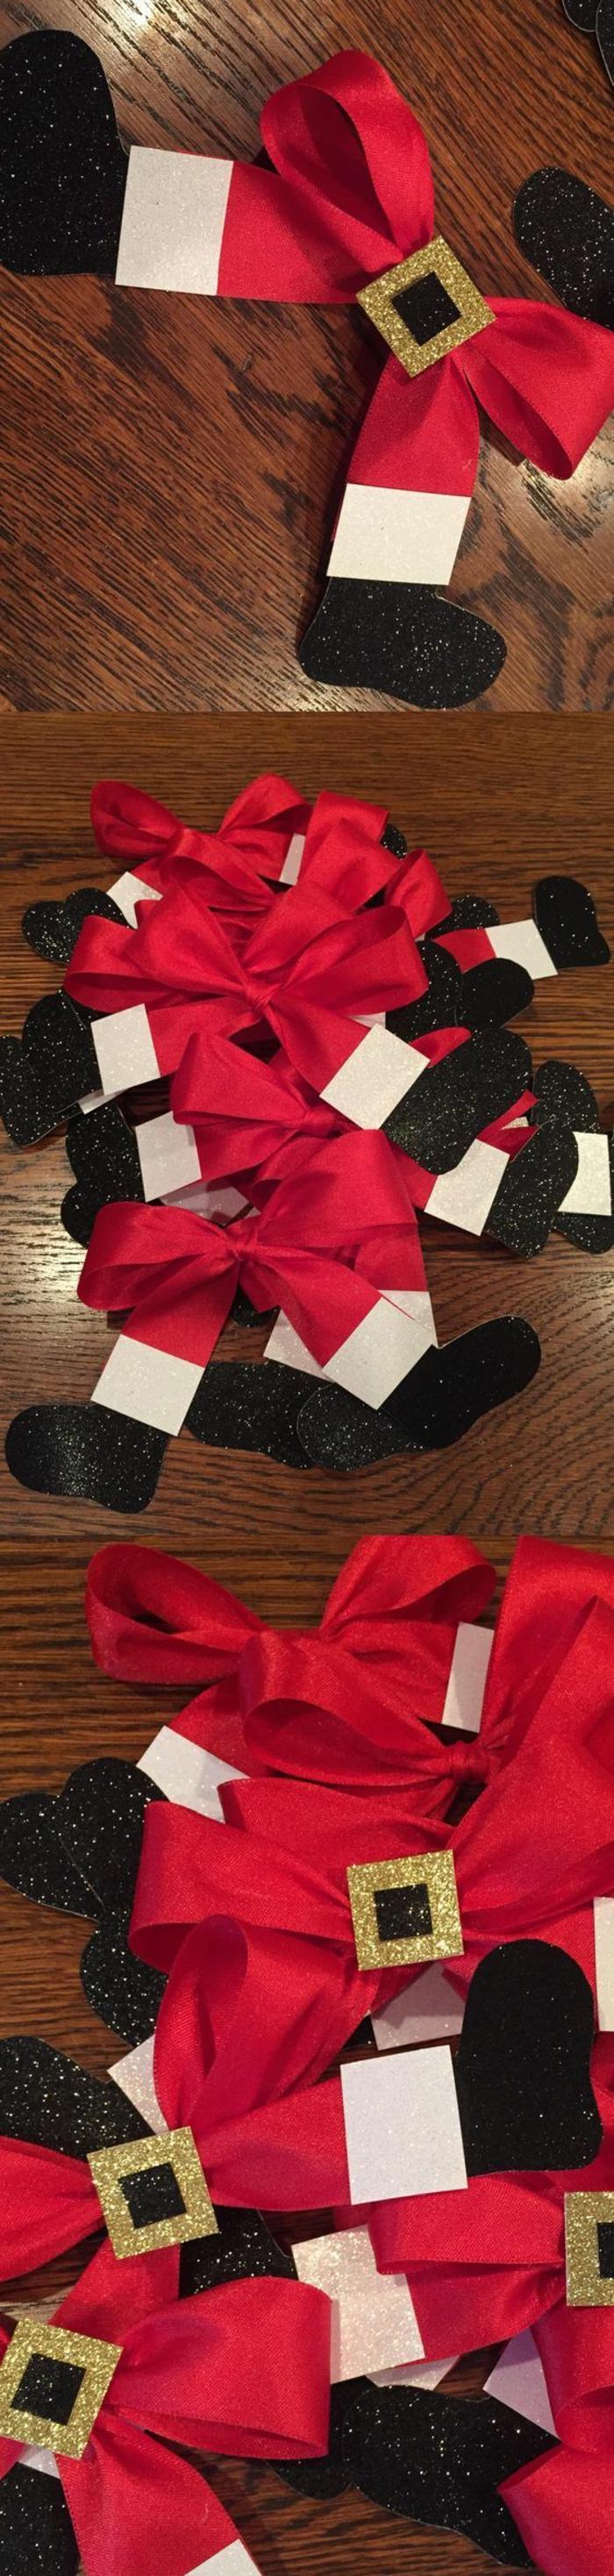 activite manuelle noel, des nœuds en forme de pieds du père Noël, des bottes noires, ceinture dorée, des nœuds pour décorer des cadeaux ou les branches du sapin, des détails sympa pour faire plaisir, pour poser sur toutes les surfaces